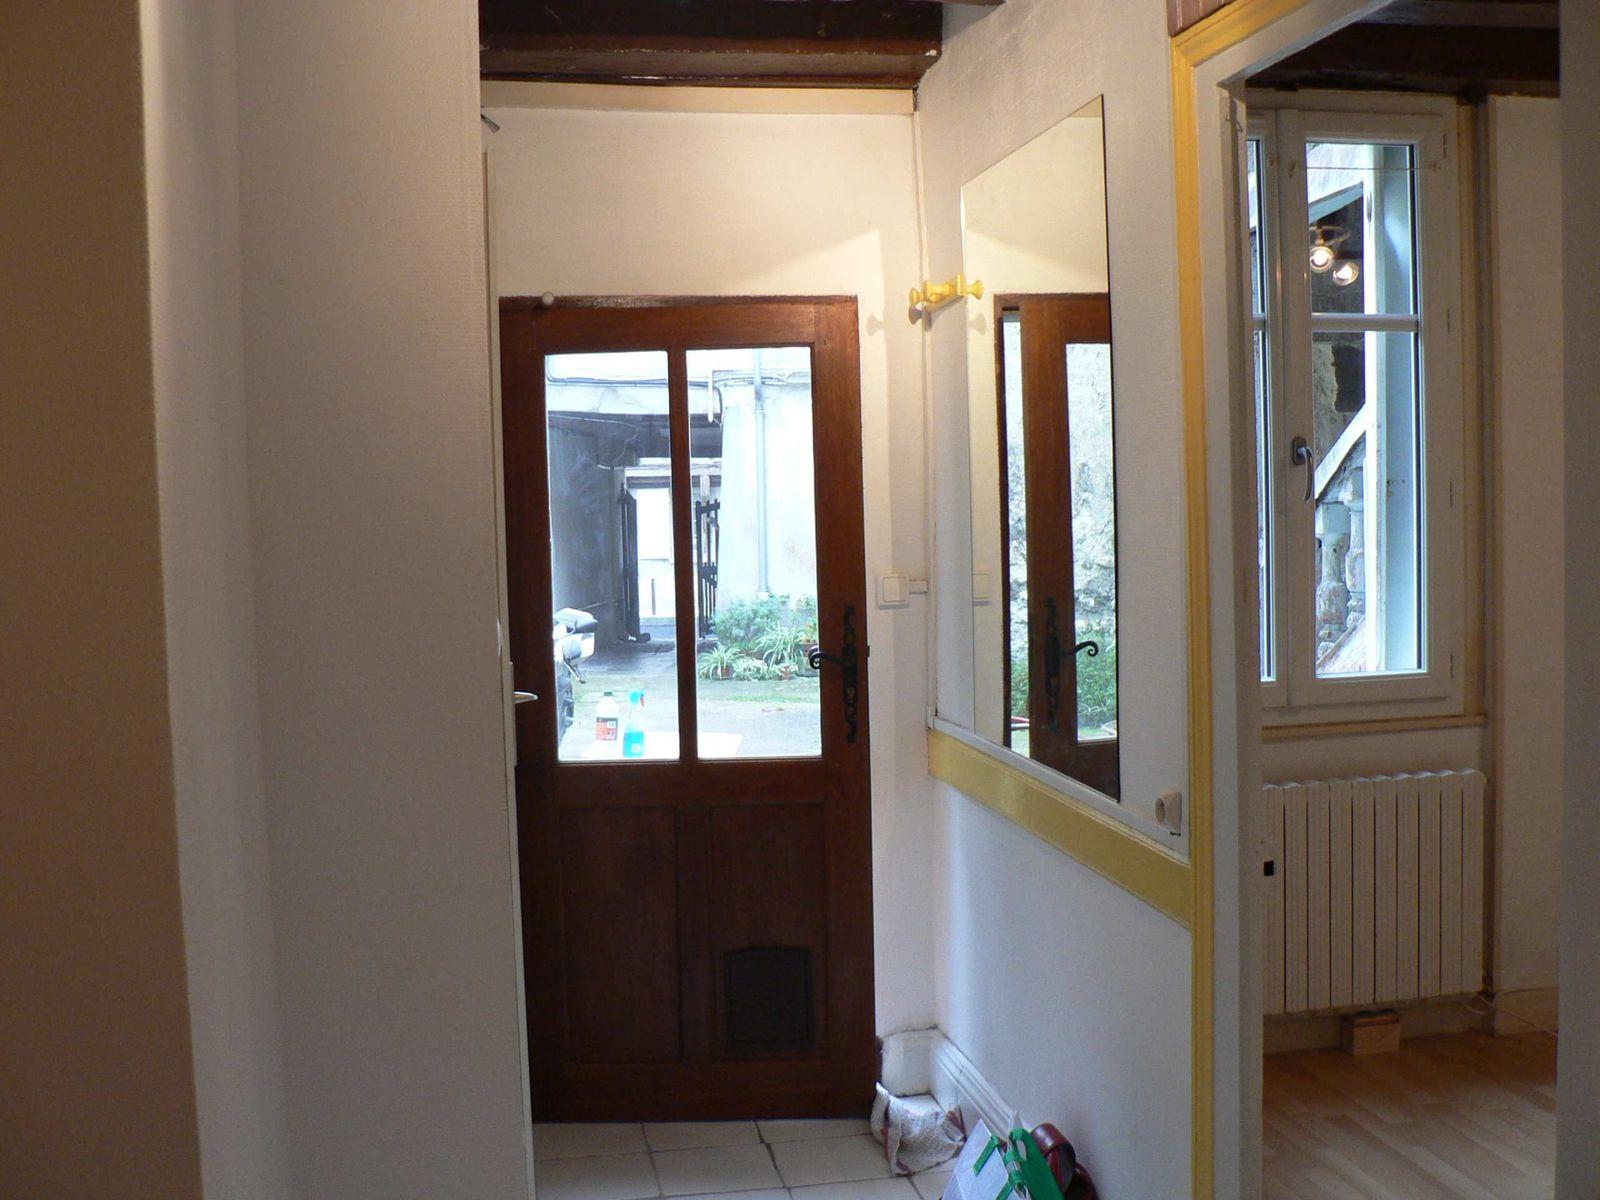 Album le meubl de tourisme l 39 39 ermitage location for Location meuble tours